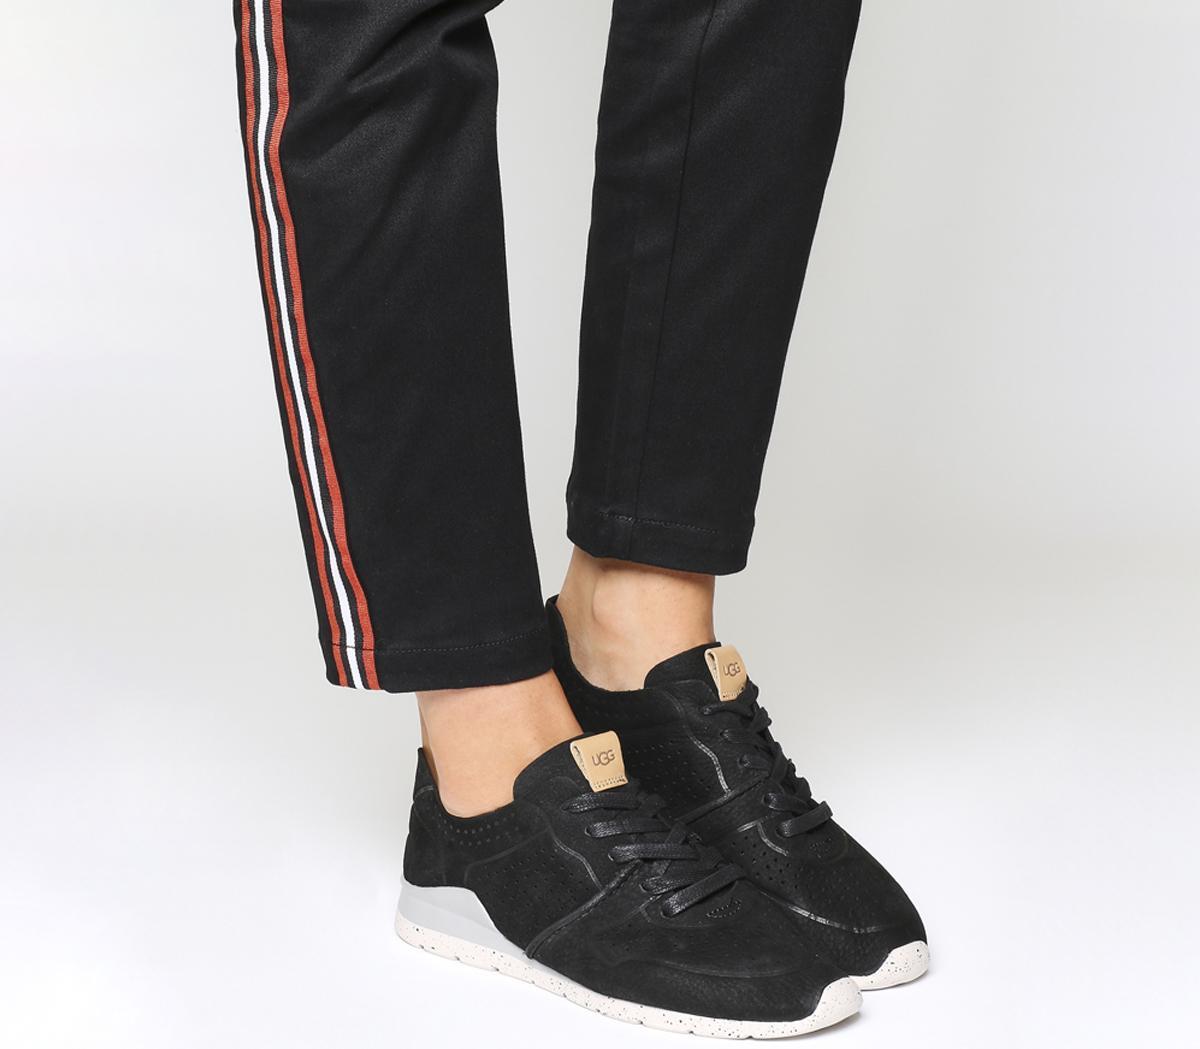 UGG Tye Sneakers Black Nubuck - Flats